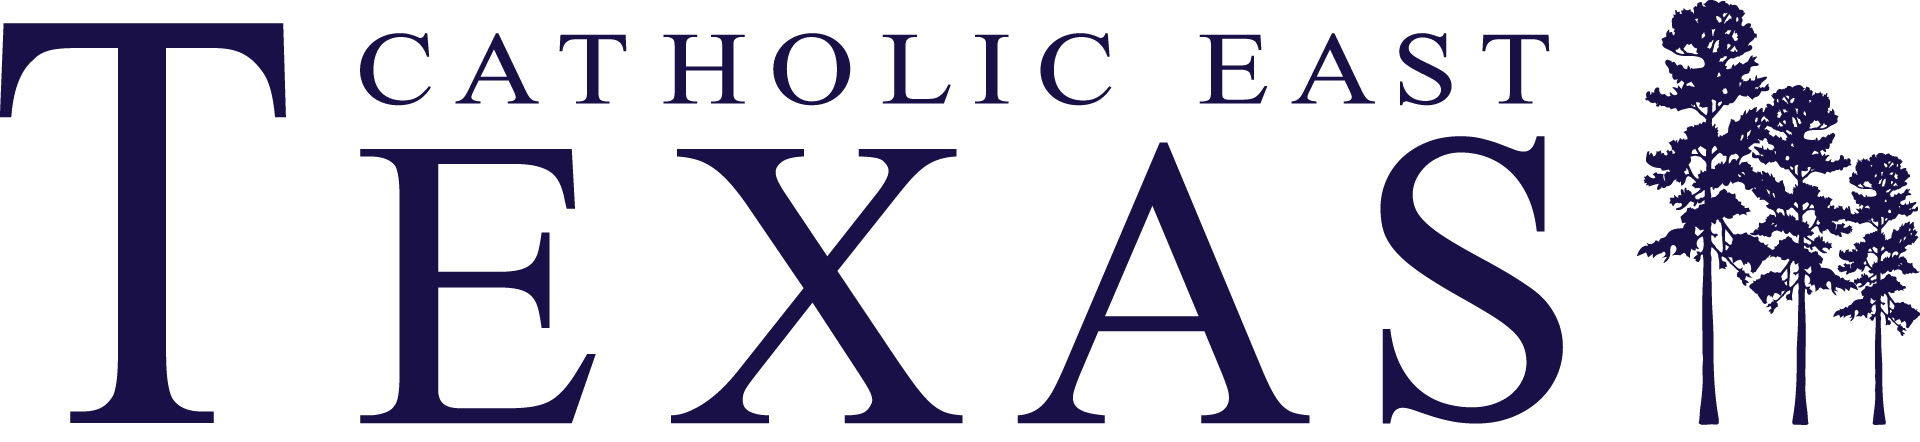 Catholic East Texas